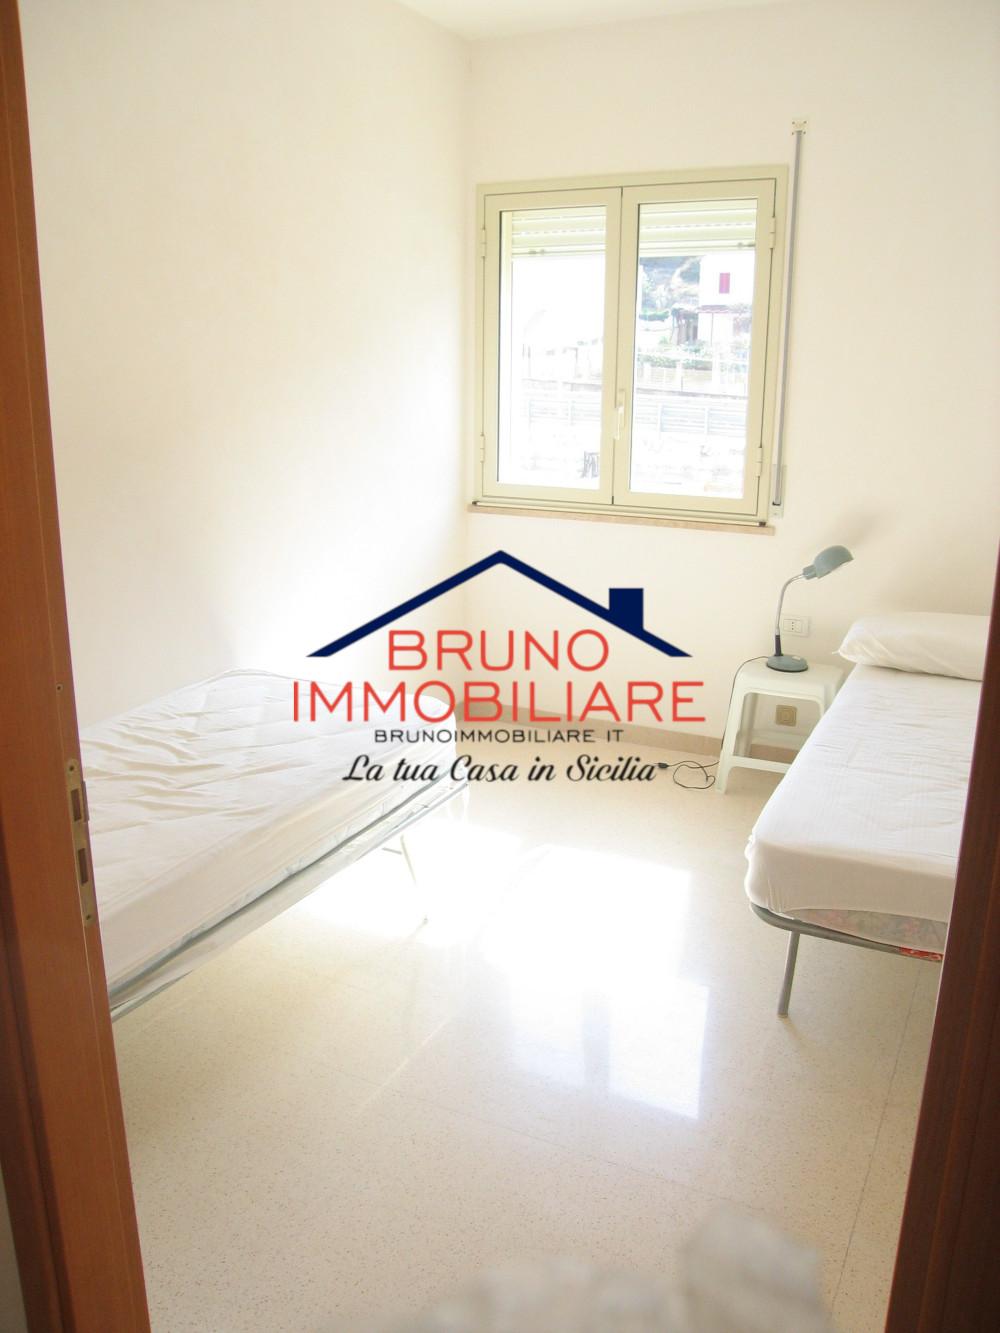 Alcamo Marina (TP), Alcamo, 3 Bedrooms Bedrooms, 5 Rooms Rooms,2 BathroomsBathrooms,Appartamento,Casa Vacanze,1075